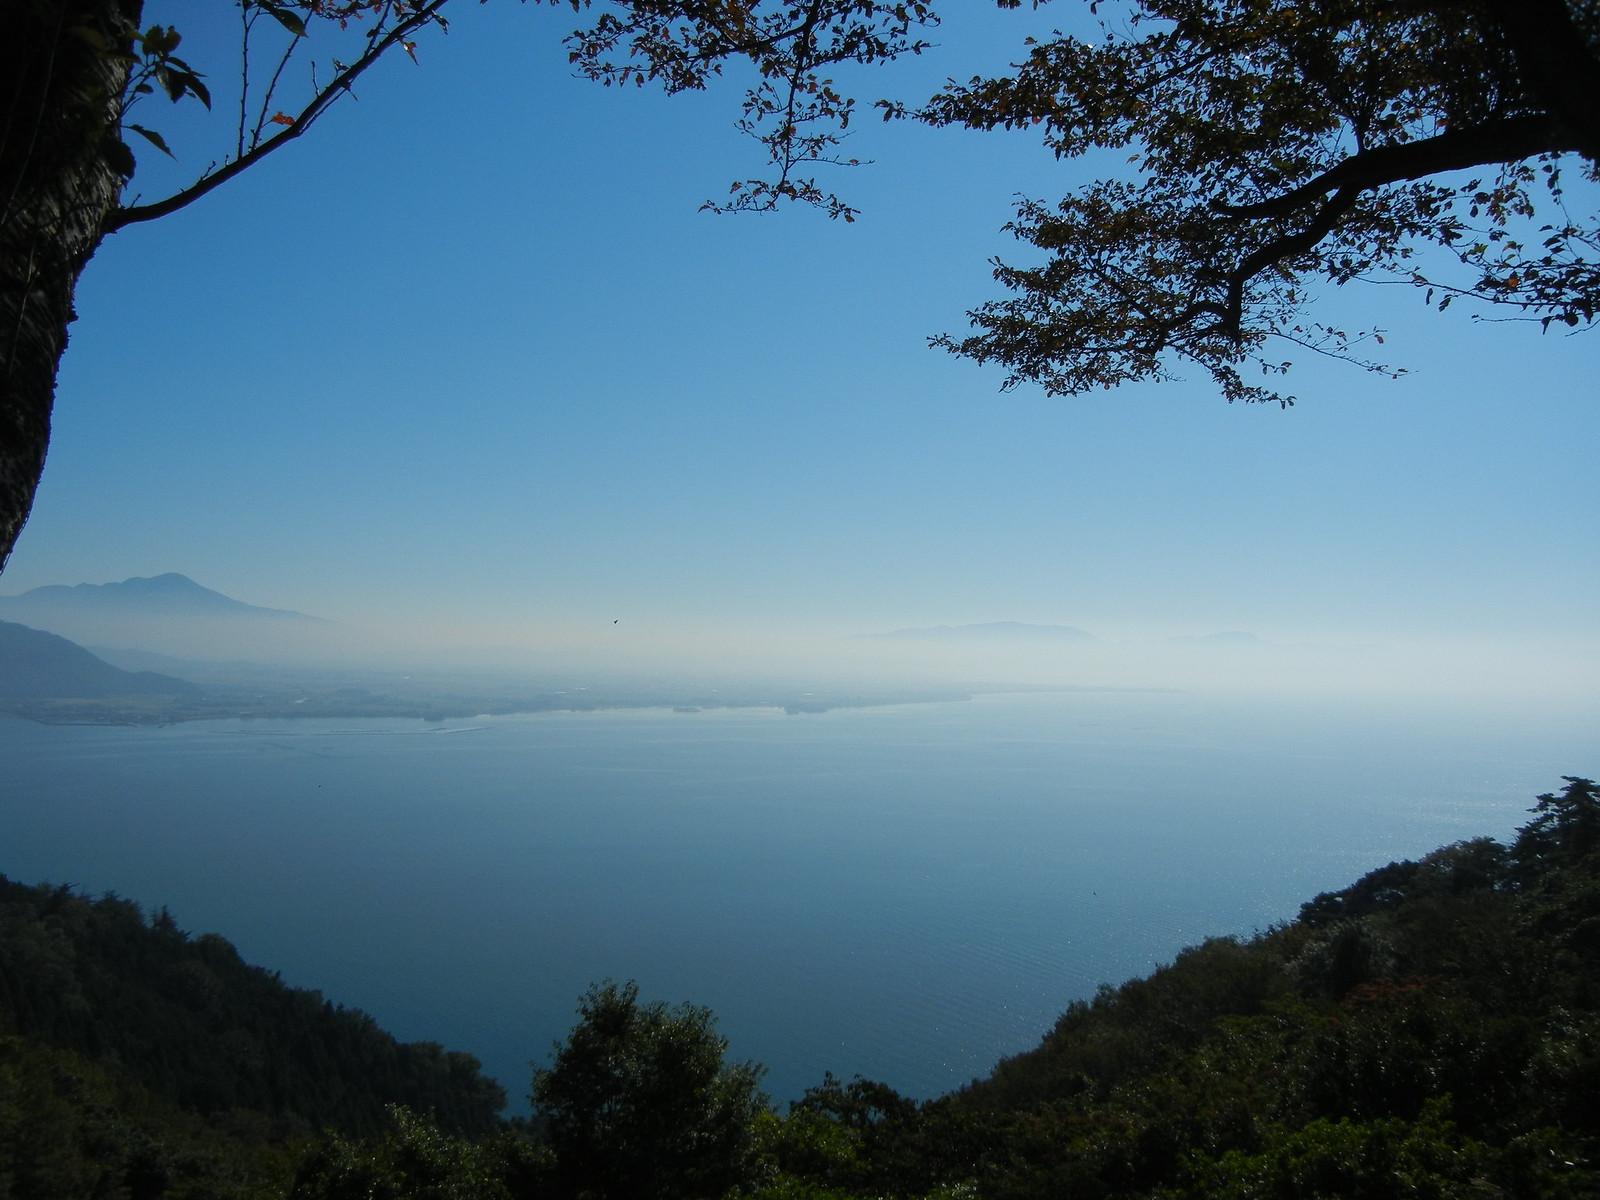 つづら尾崎展望台からの眺望